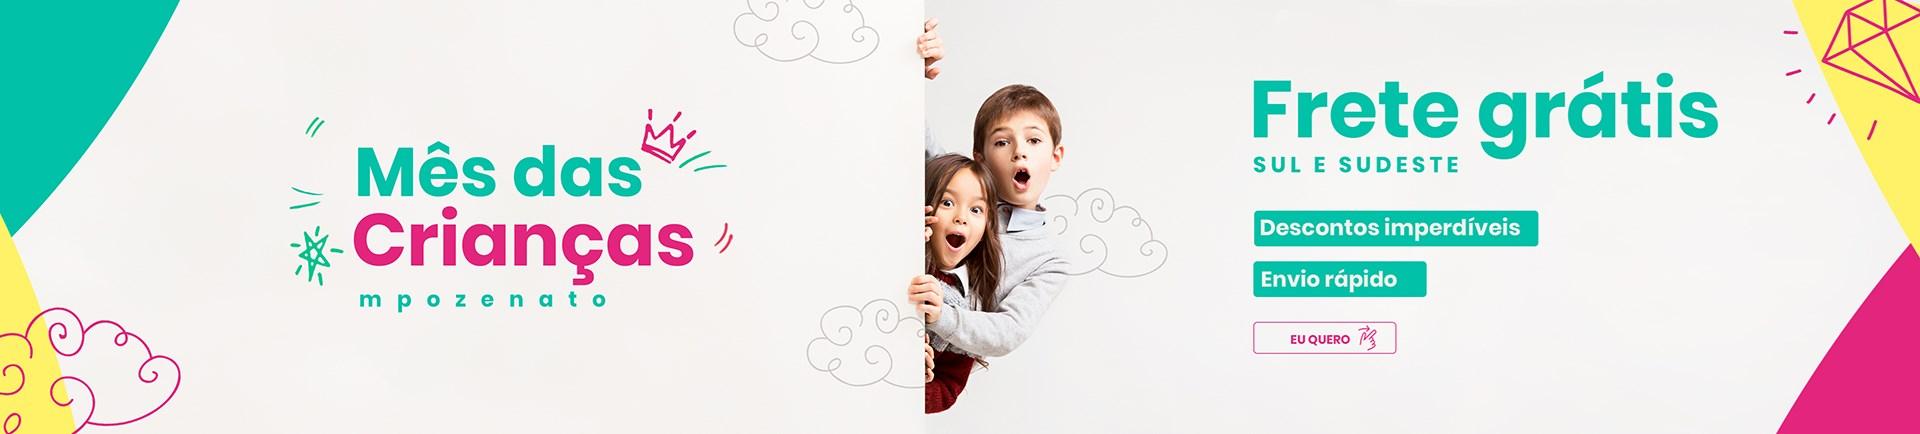 Frete Grátis Mês das Crianças - Mpozenato Móveis